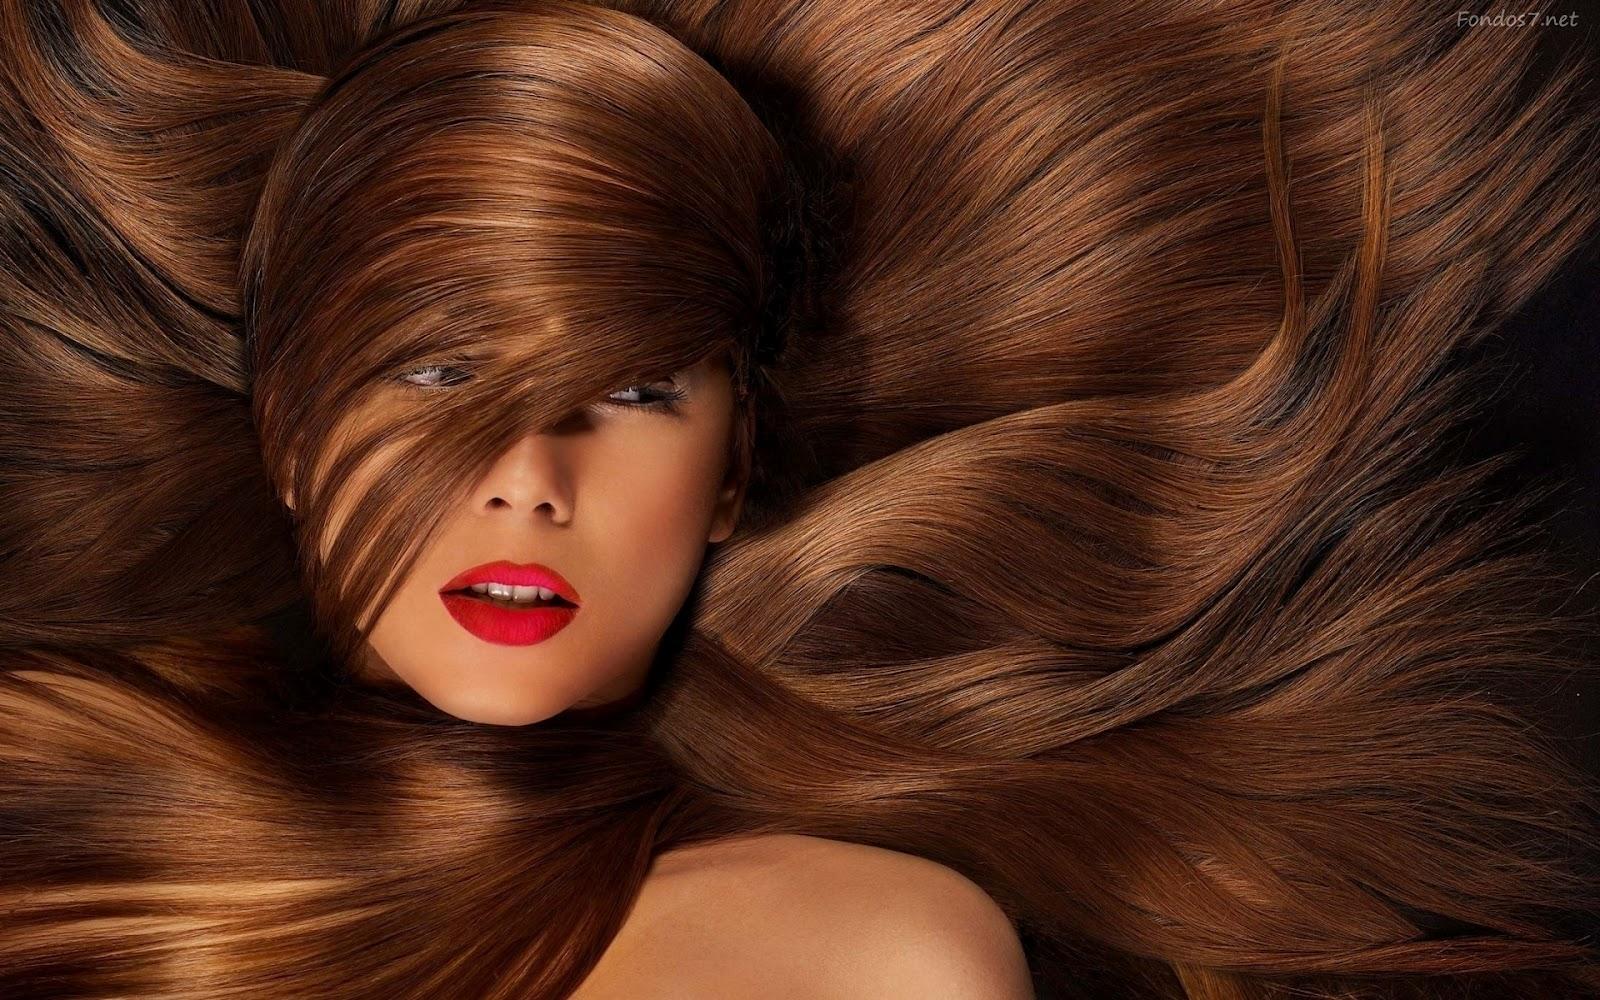 En los seres humanos, cabello tiene dos funciones: